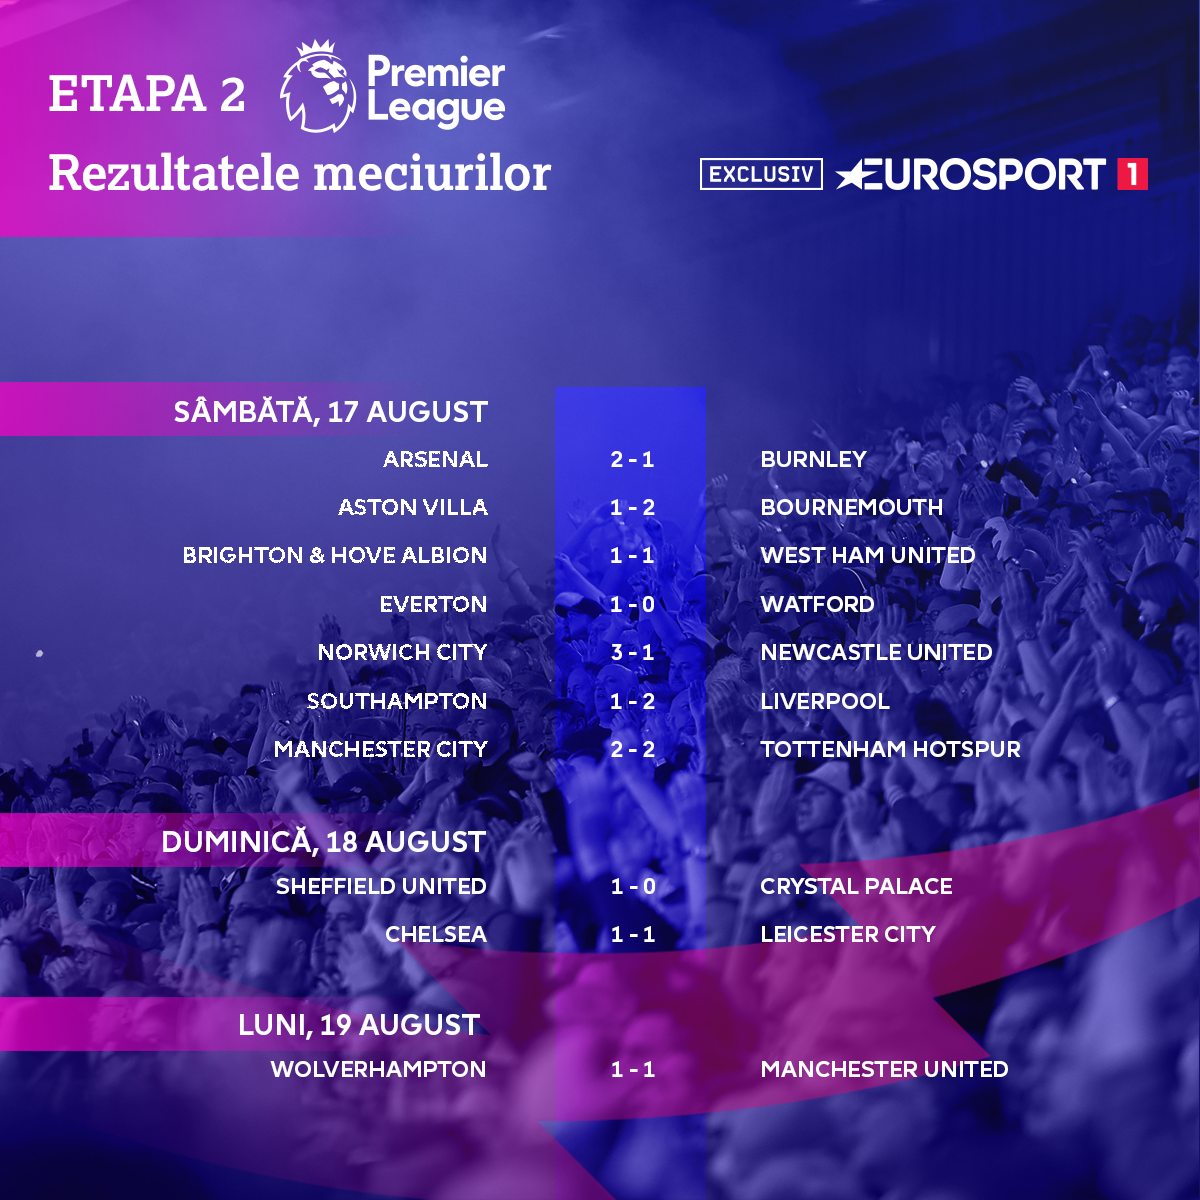 Premier League 2019-2020 - Results Round 2